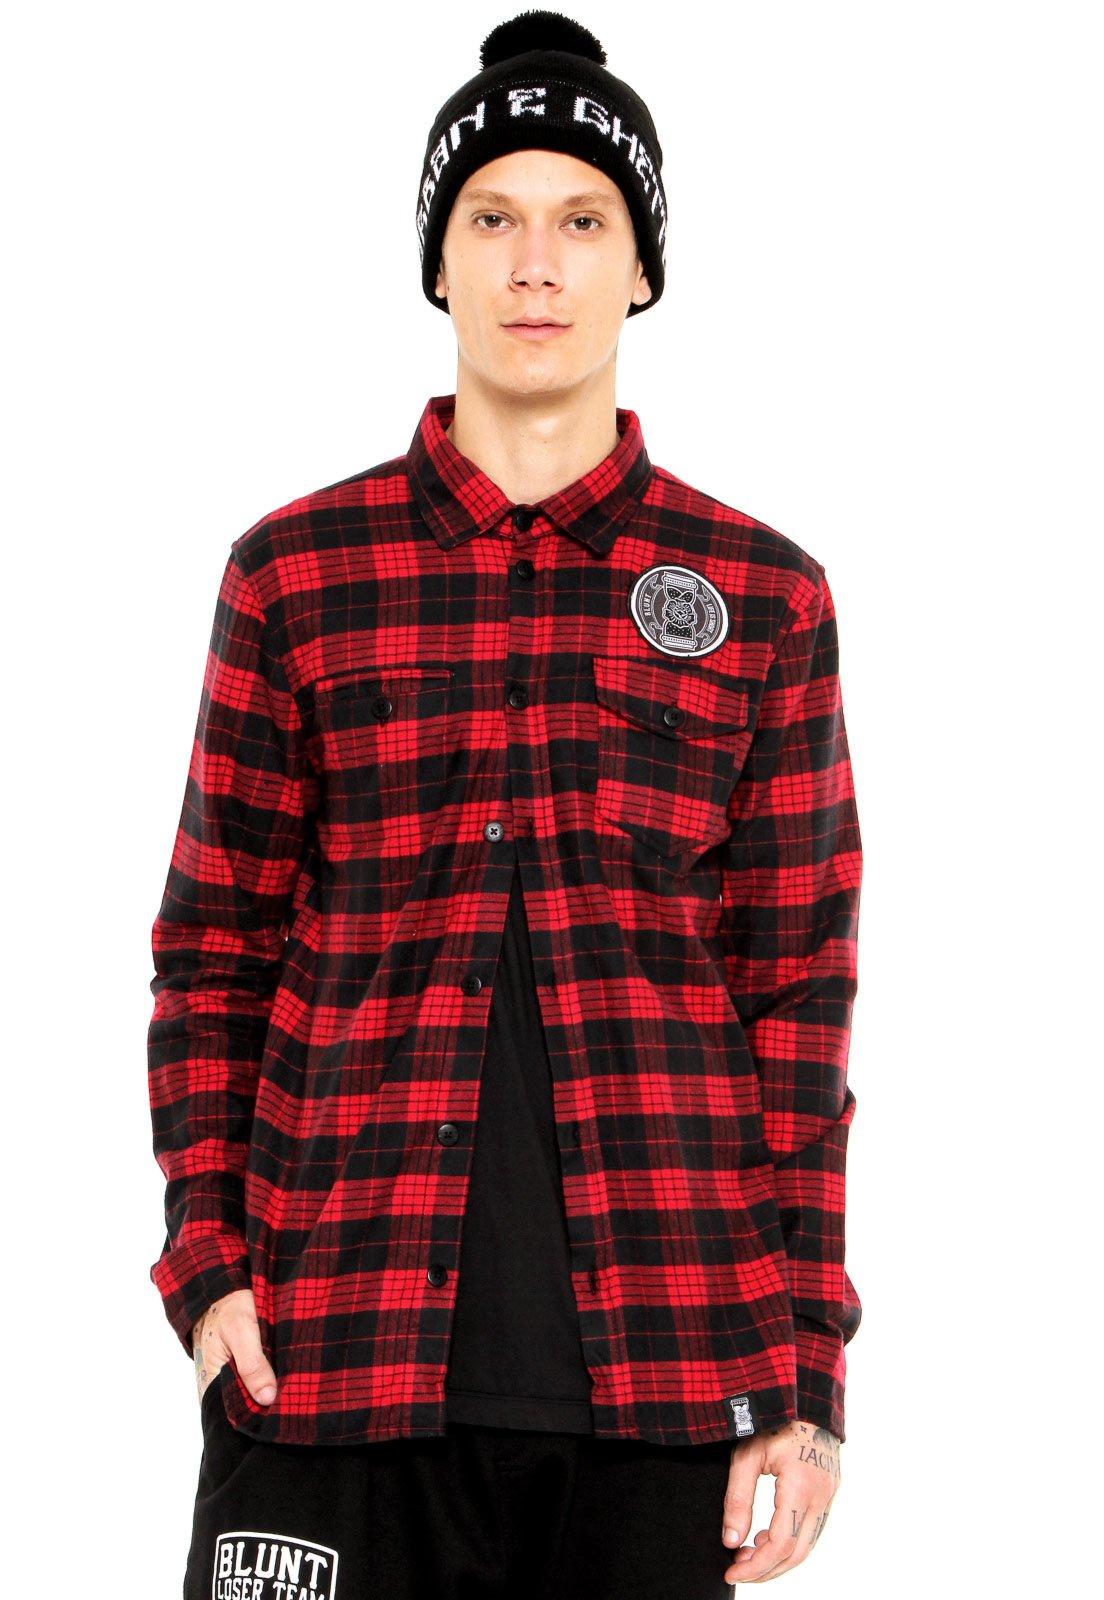 981283f0cff5e Camisa Blunt Flanelada Time Is Over Vermelha - Compre Agora   Kanui Brasil